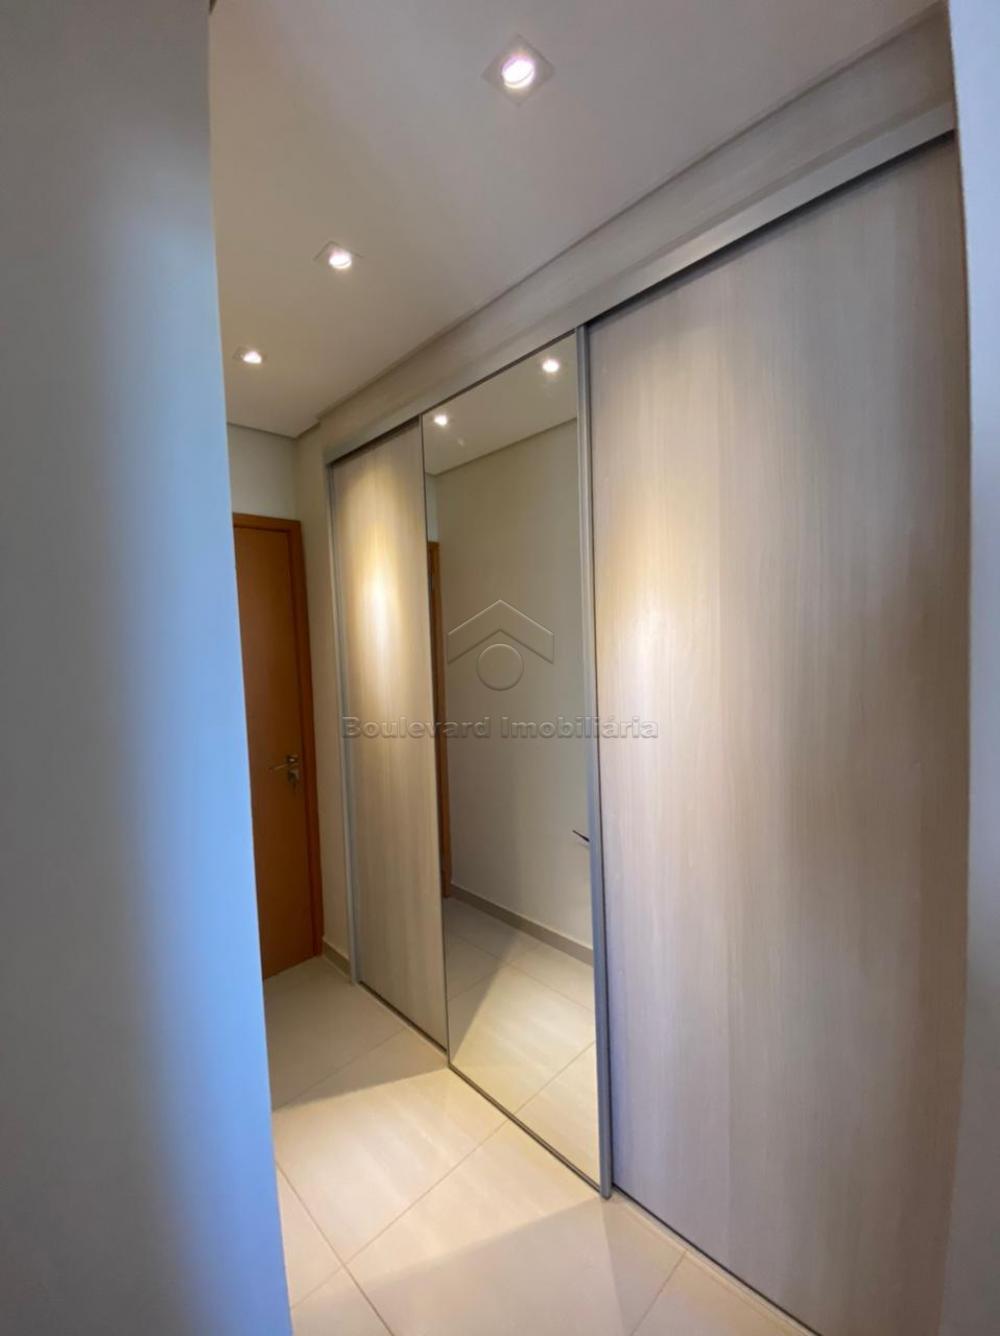 Comprar Apartamento / Padrão em Ribeirão Preto R$ 790.000,00 - Foto 8